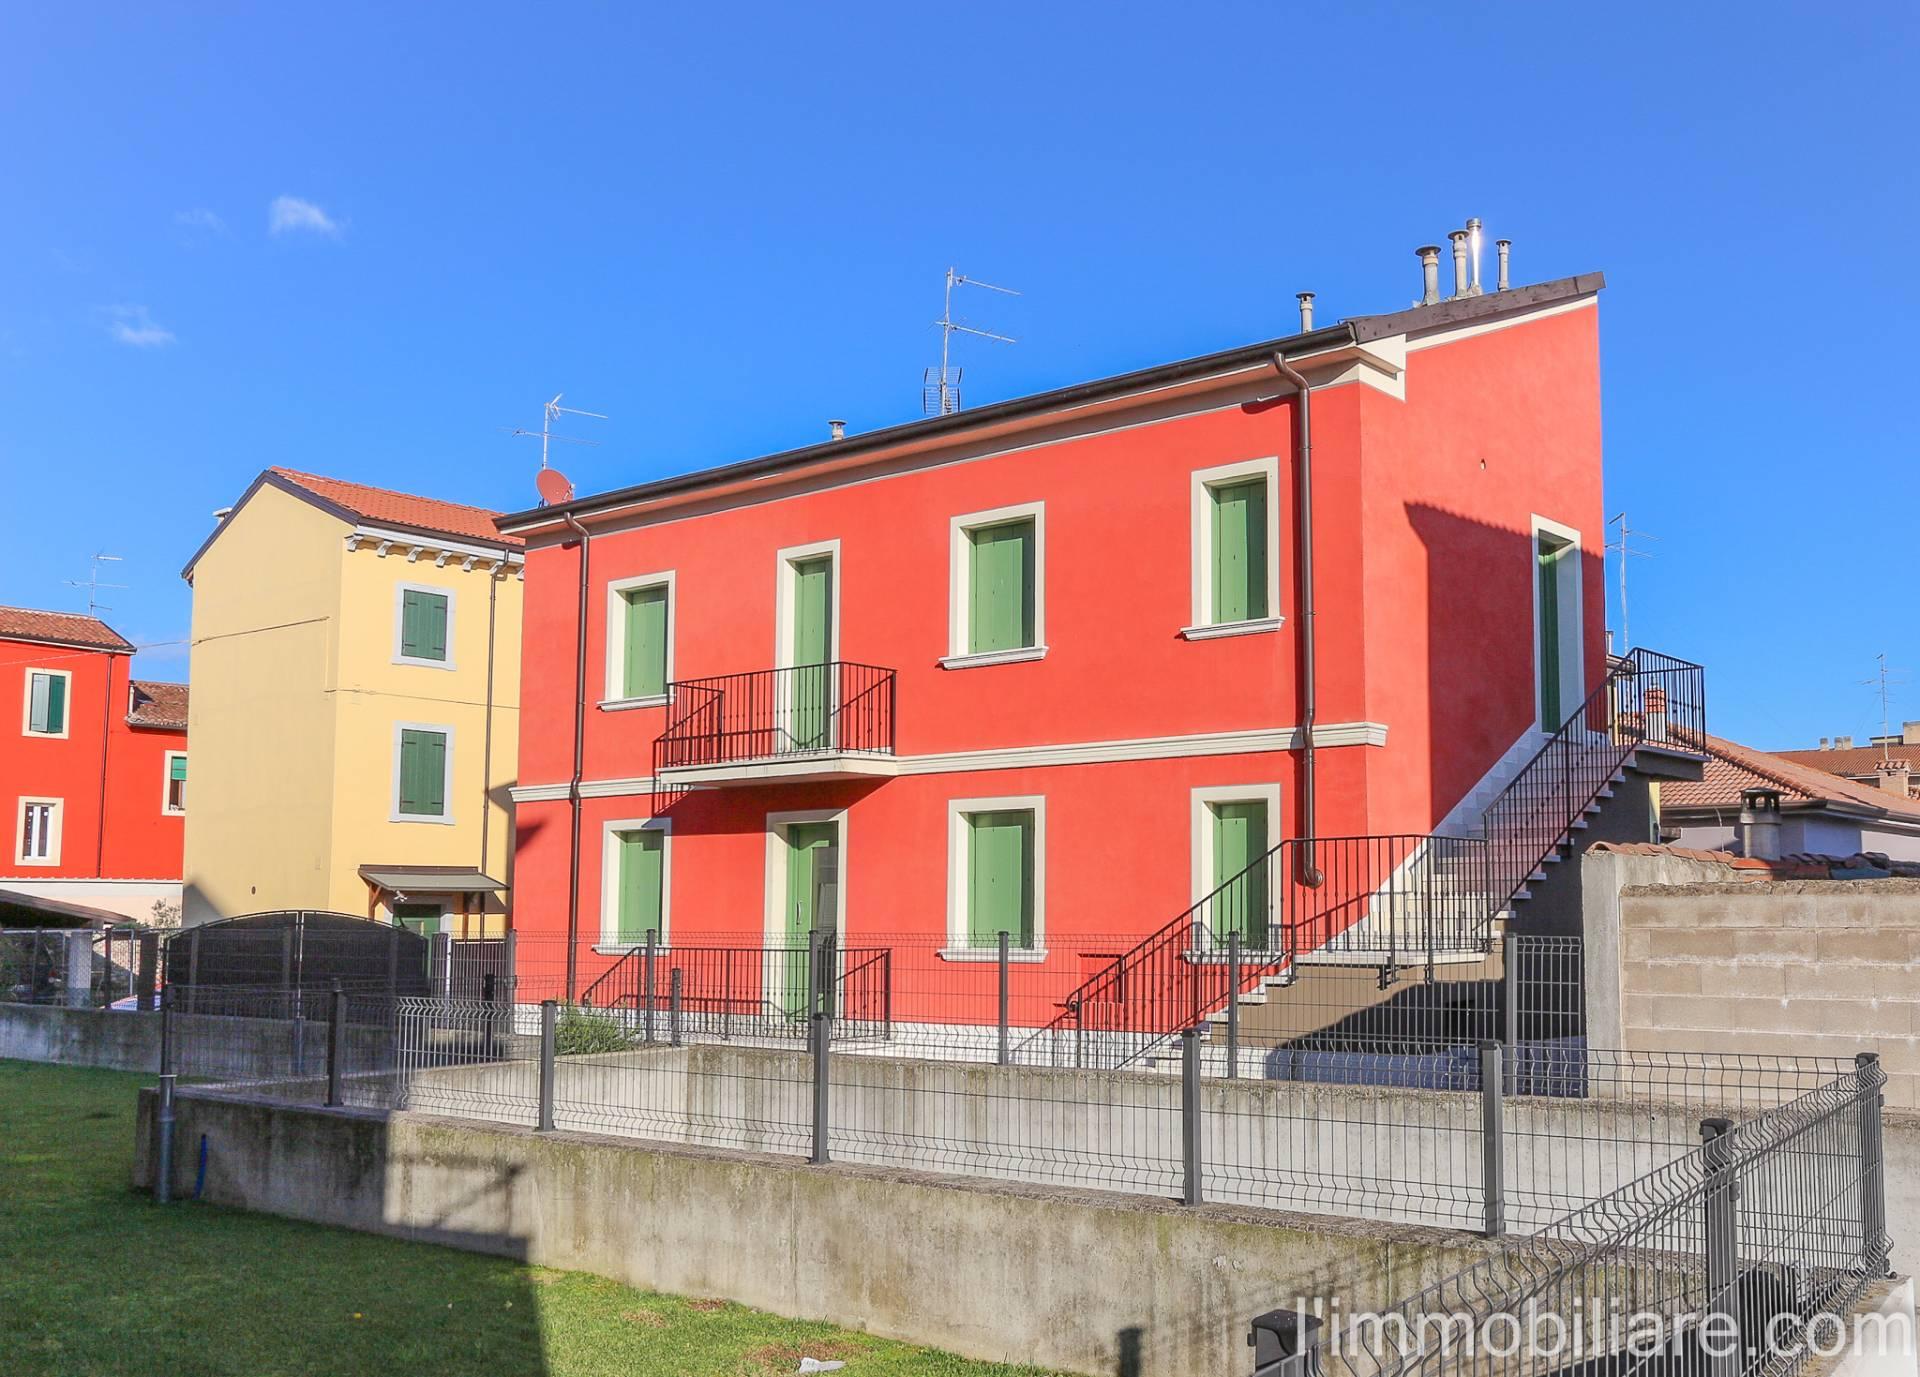 Immobili e case a Verona  Annunci immobiliari TrovoCasait